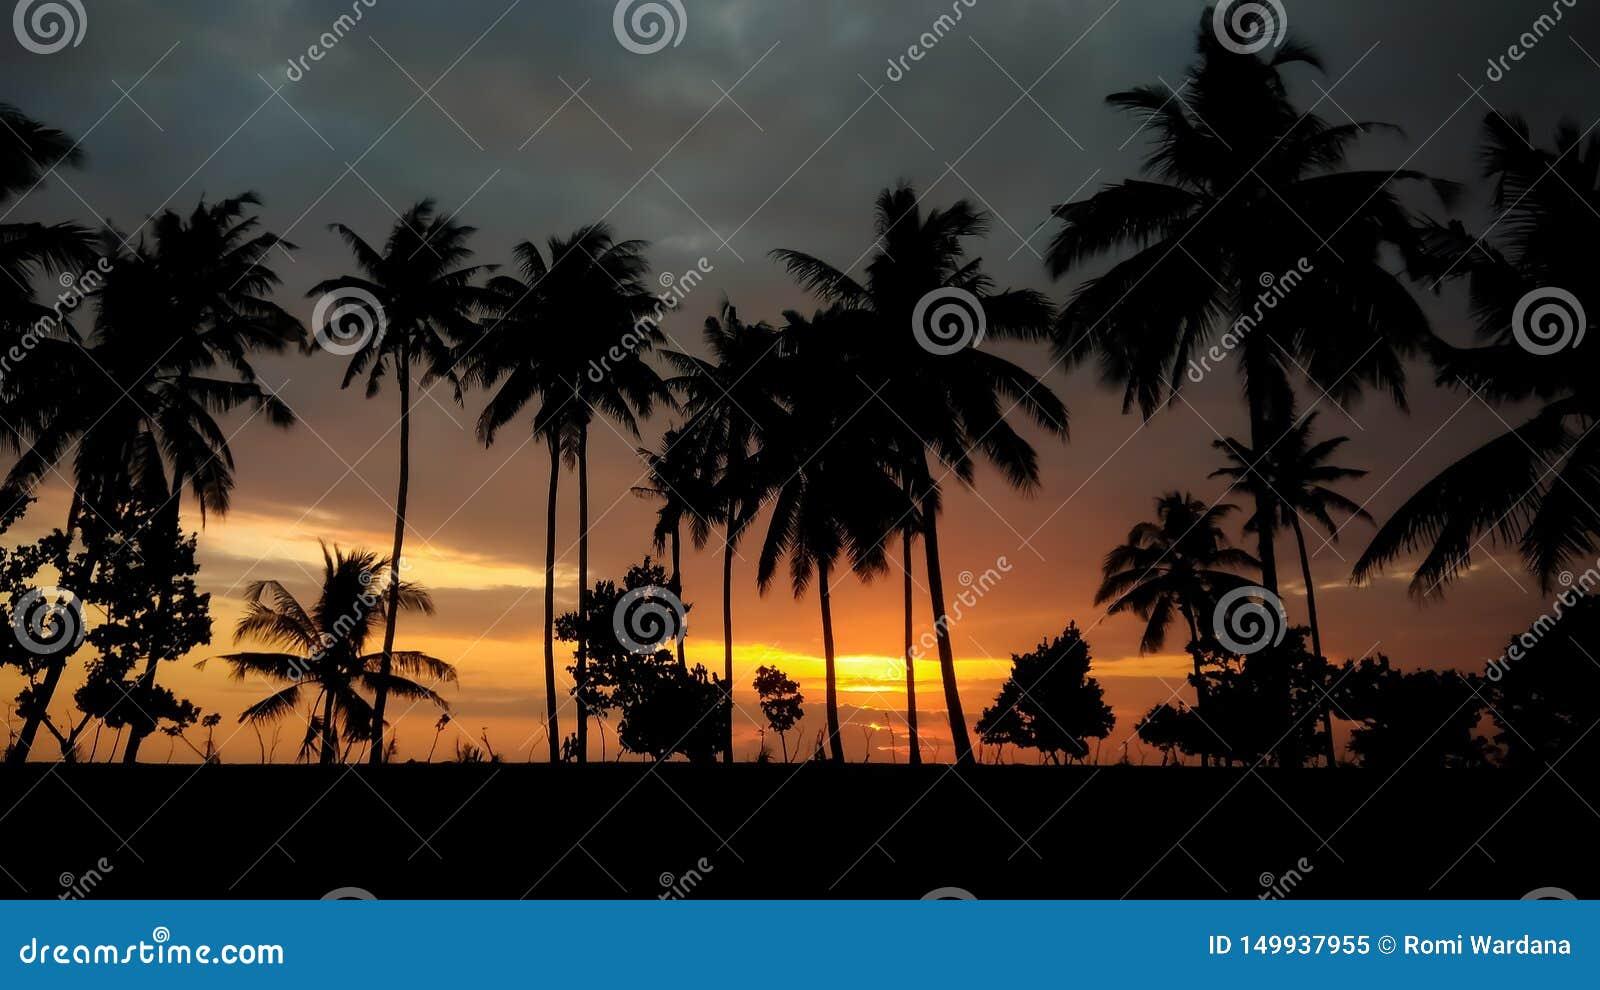 Romantische zonsondergang met silhouet